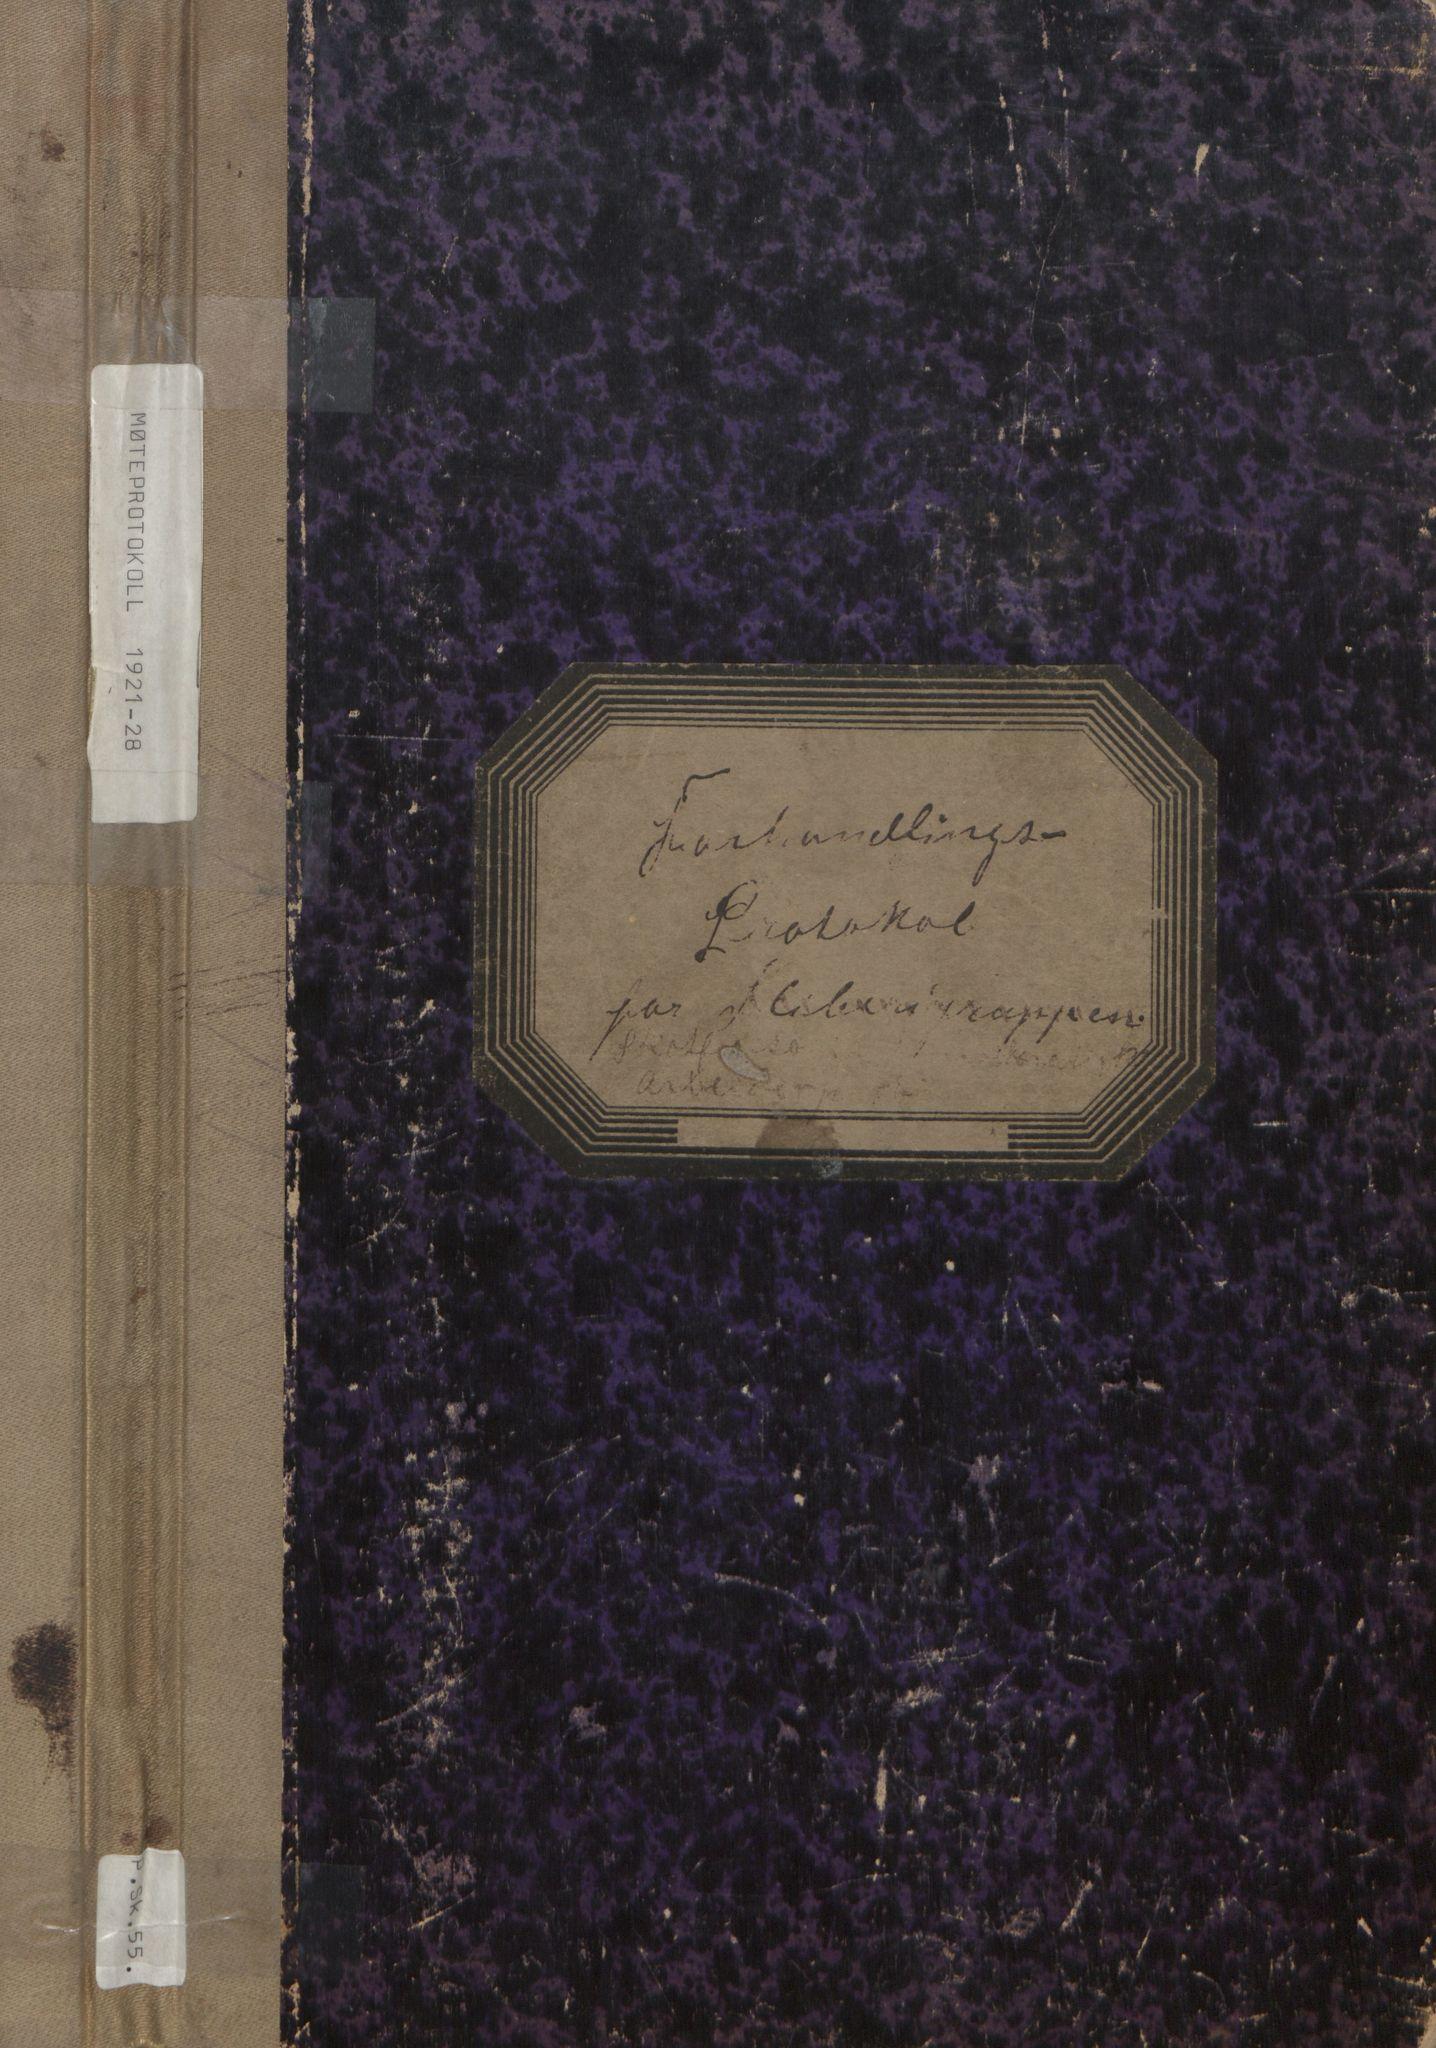 AAT, Solum arbeiderparti, A/L0001: Møtebok, 1921-1928